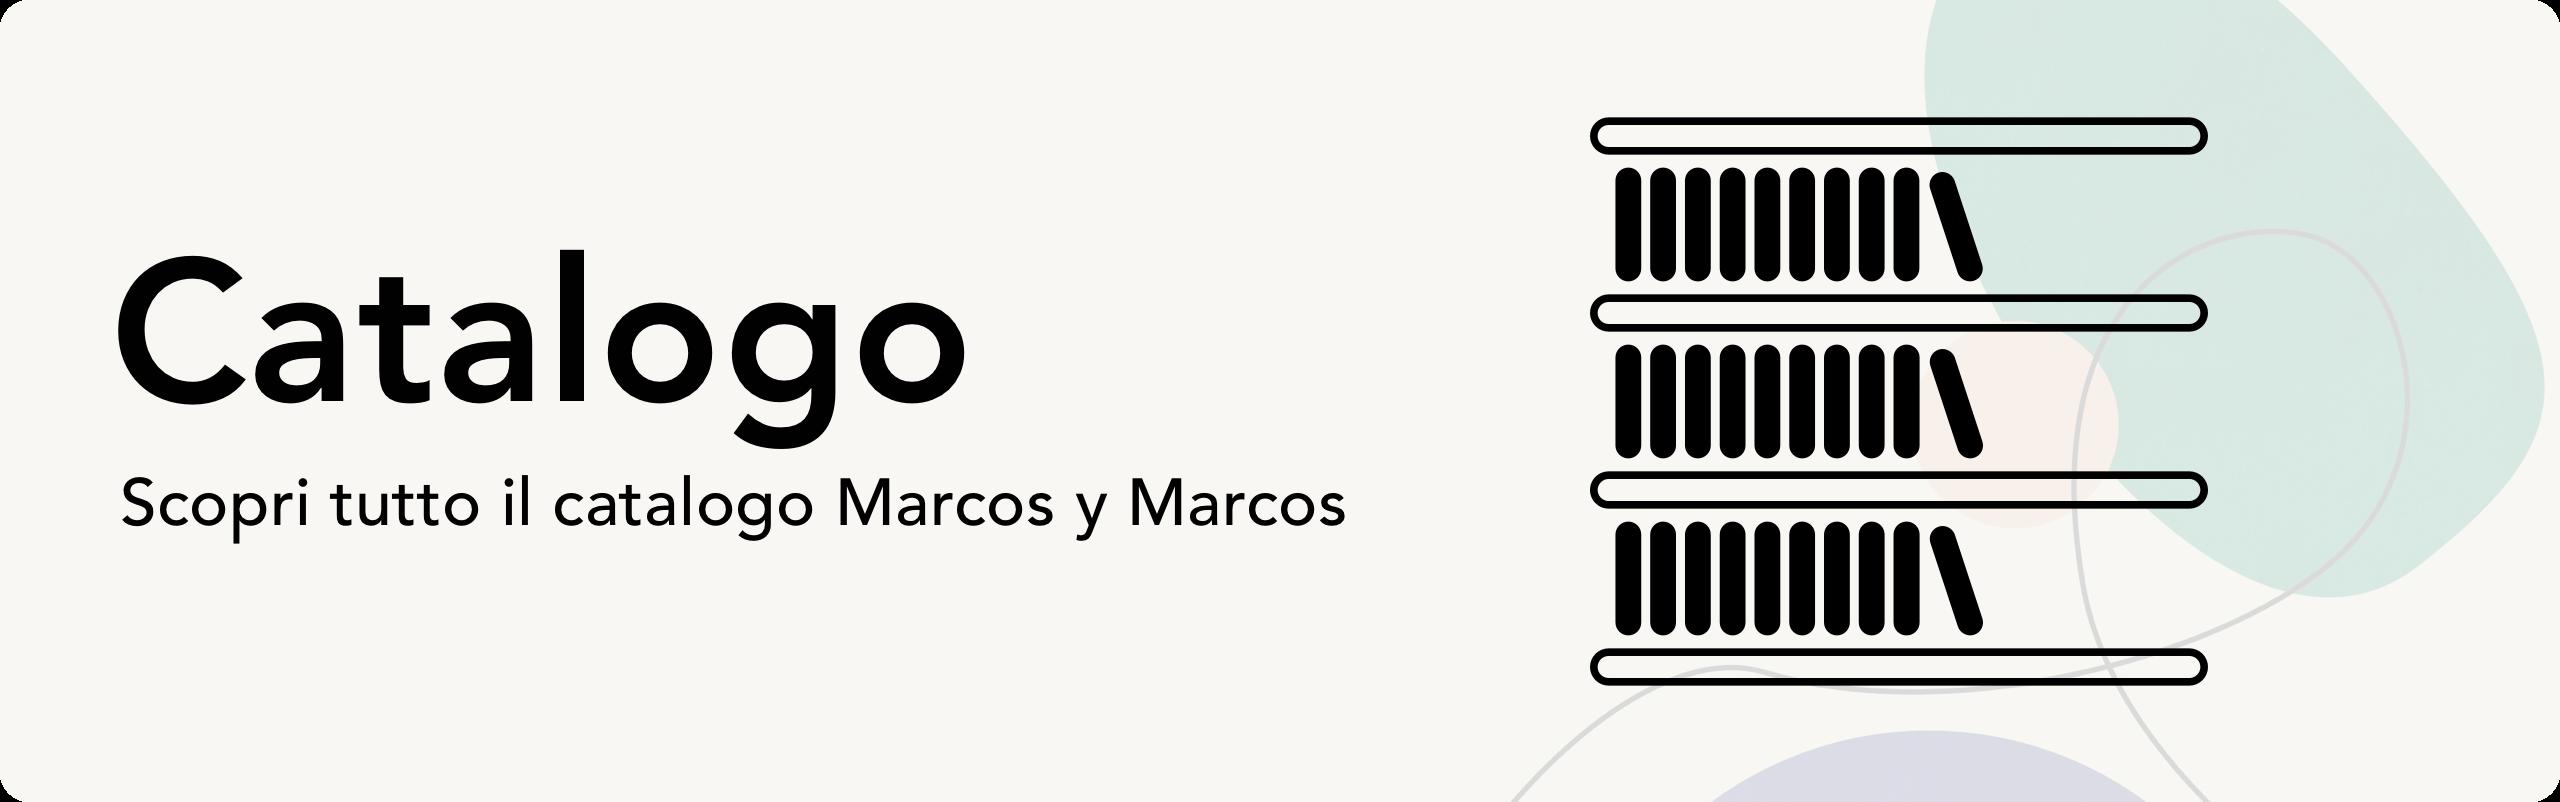 Catalogo libri Marcos y Marcos